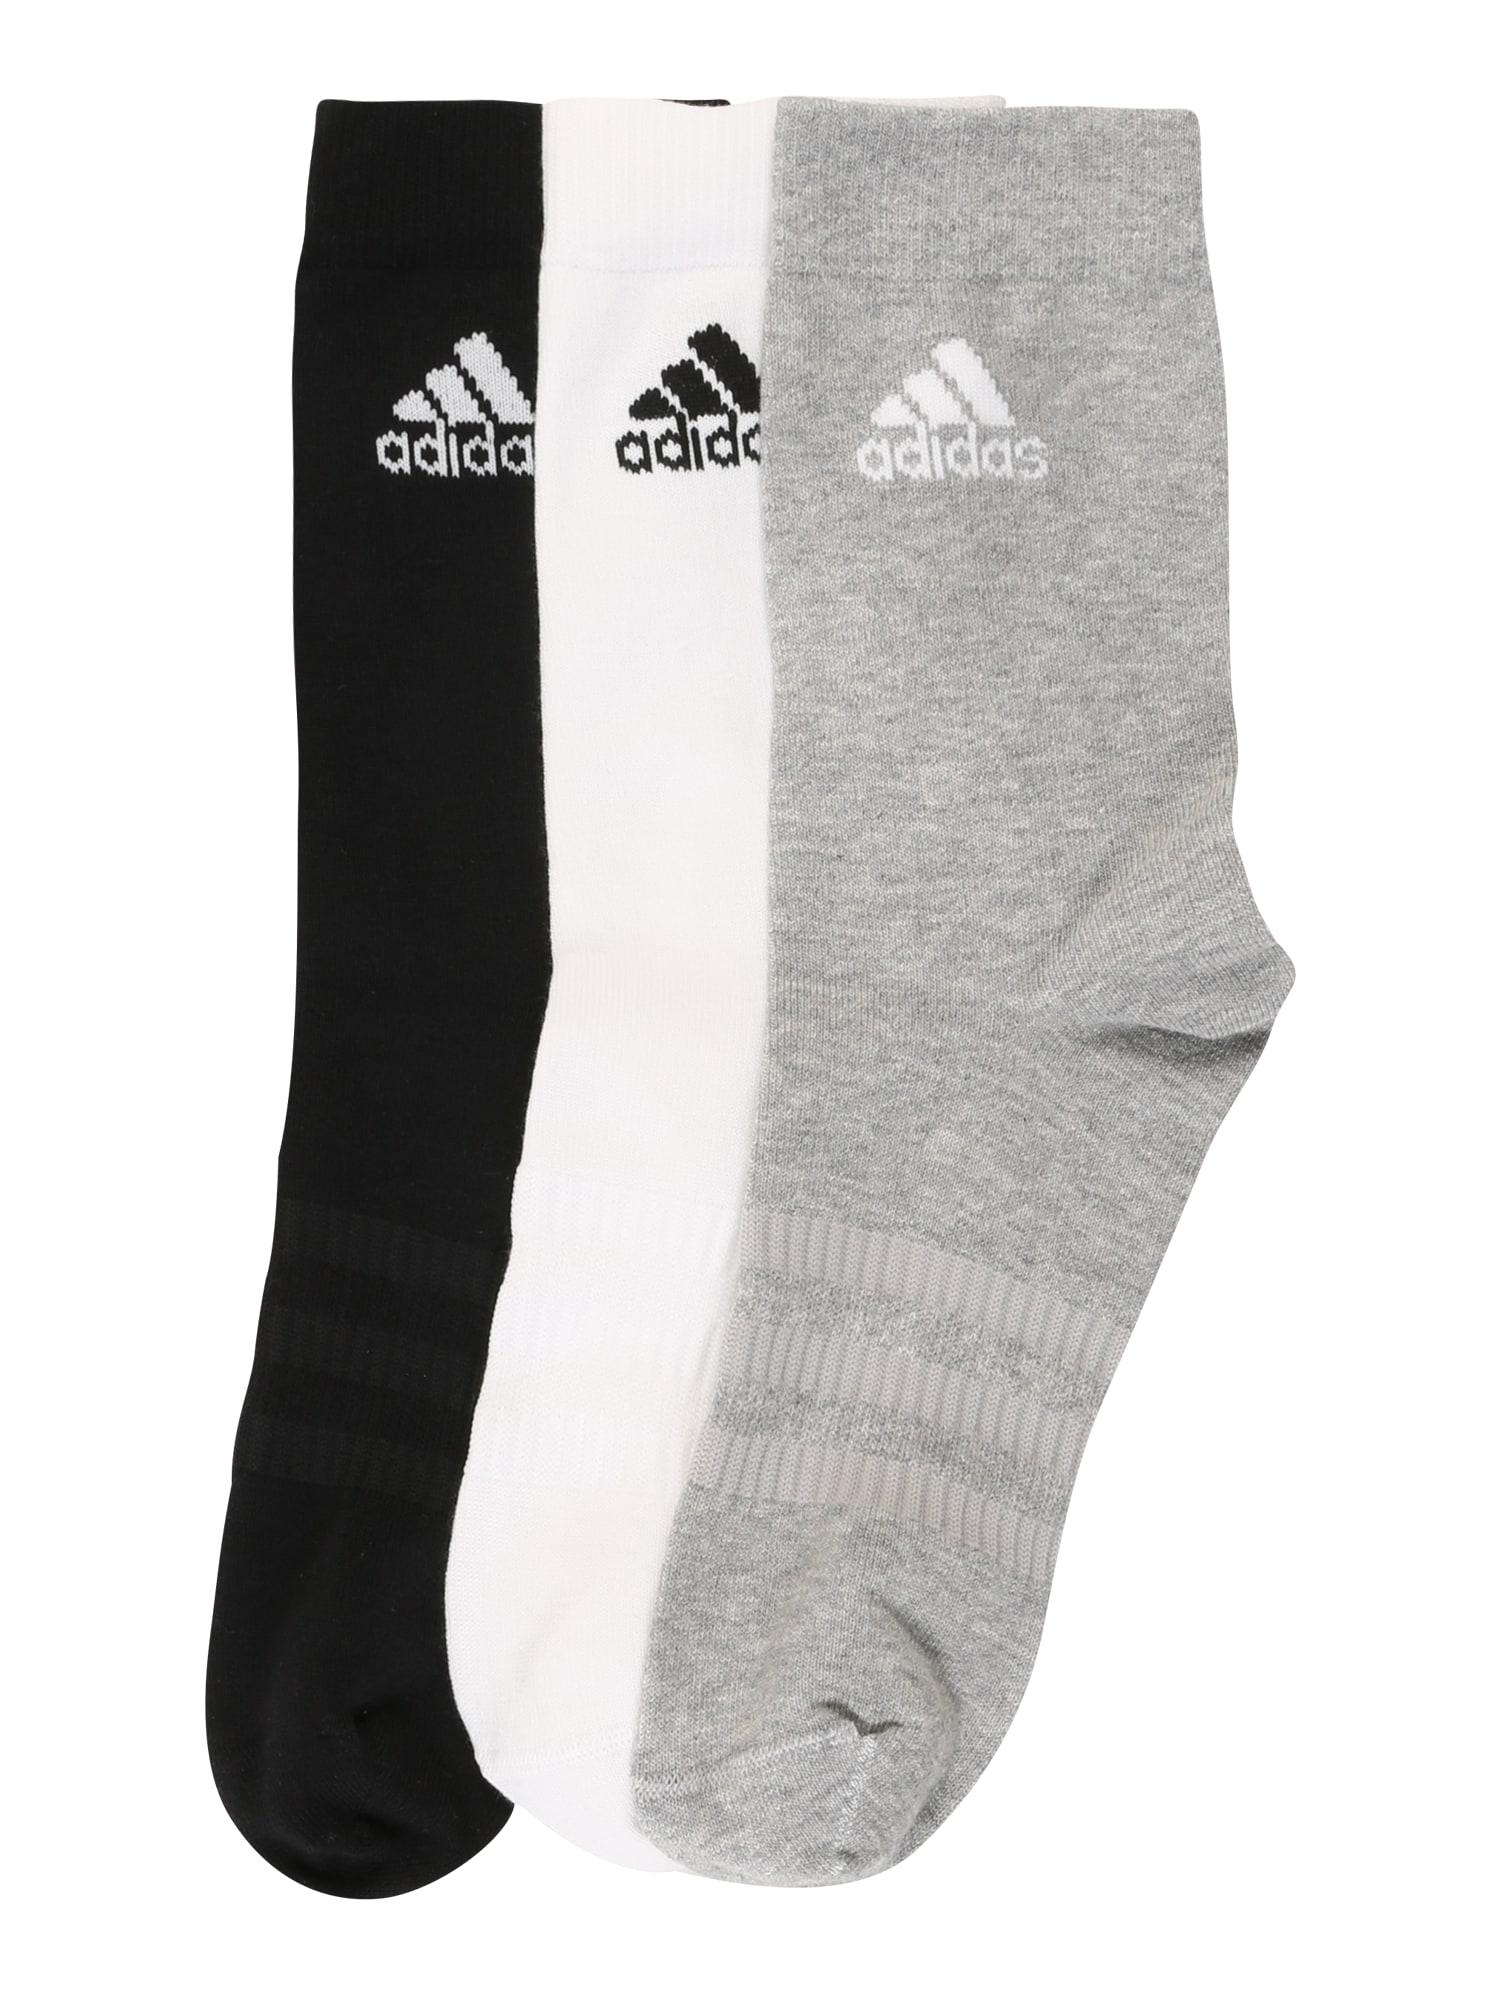 ADIDAS PERFORMANCE Sportinės kojinės 'LIGHT CREW 3PP' juoda / pilka / balta